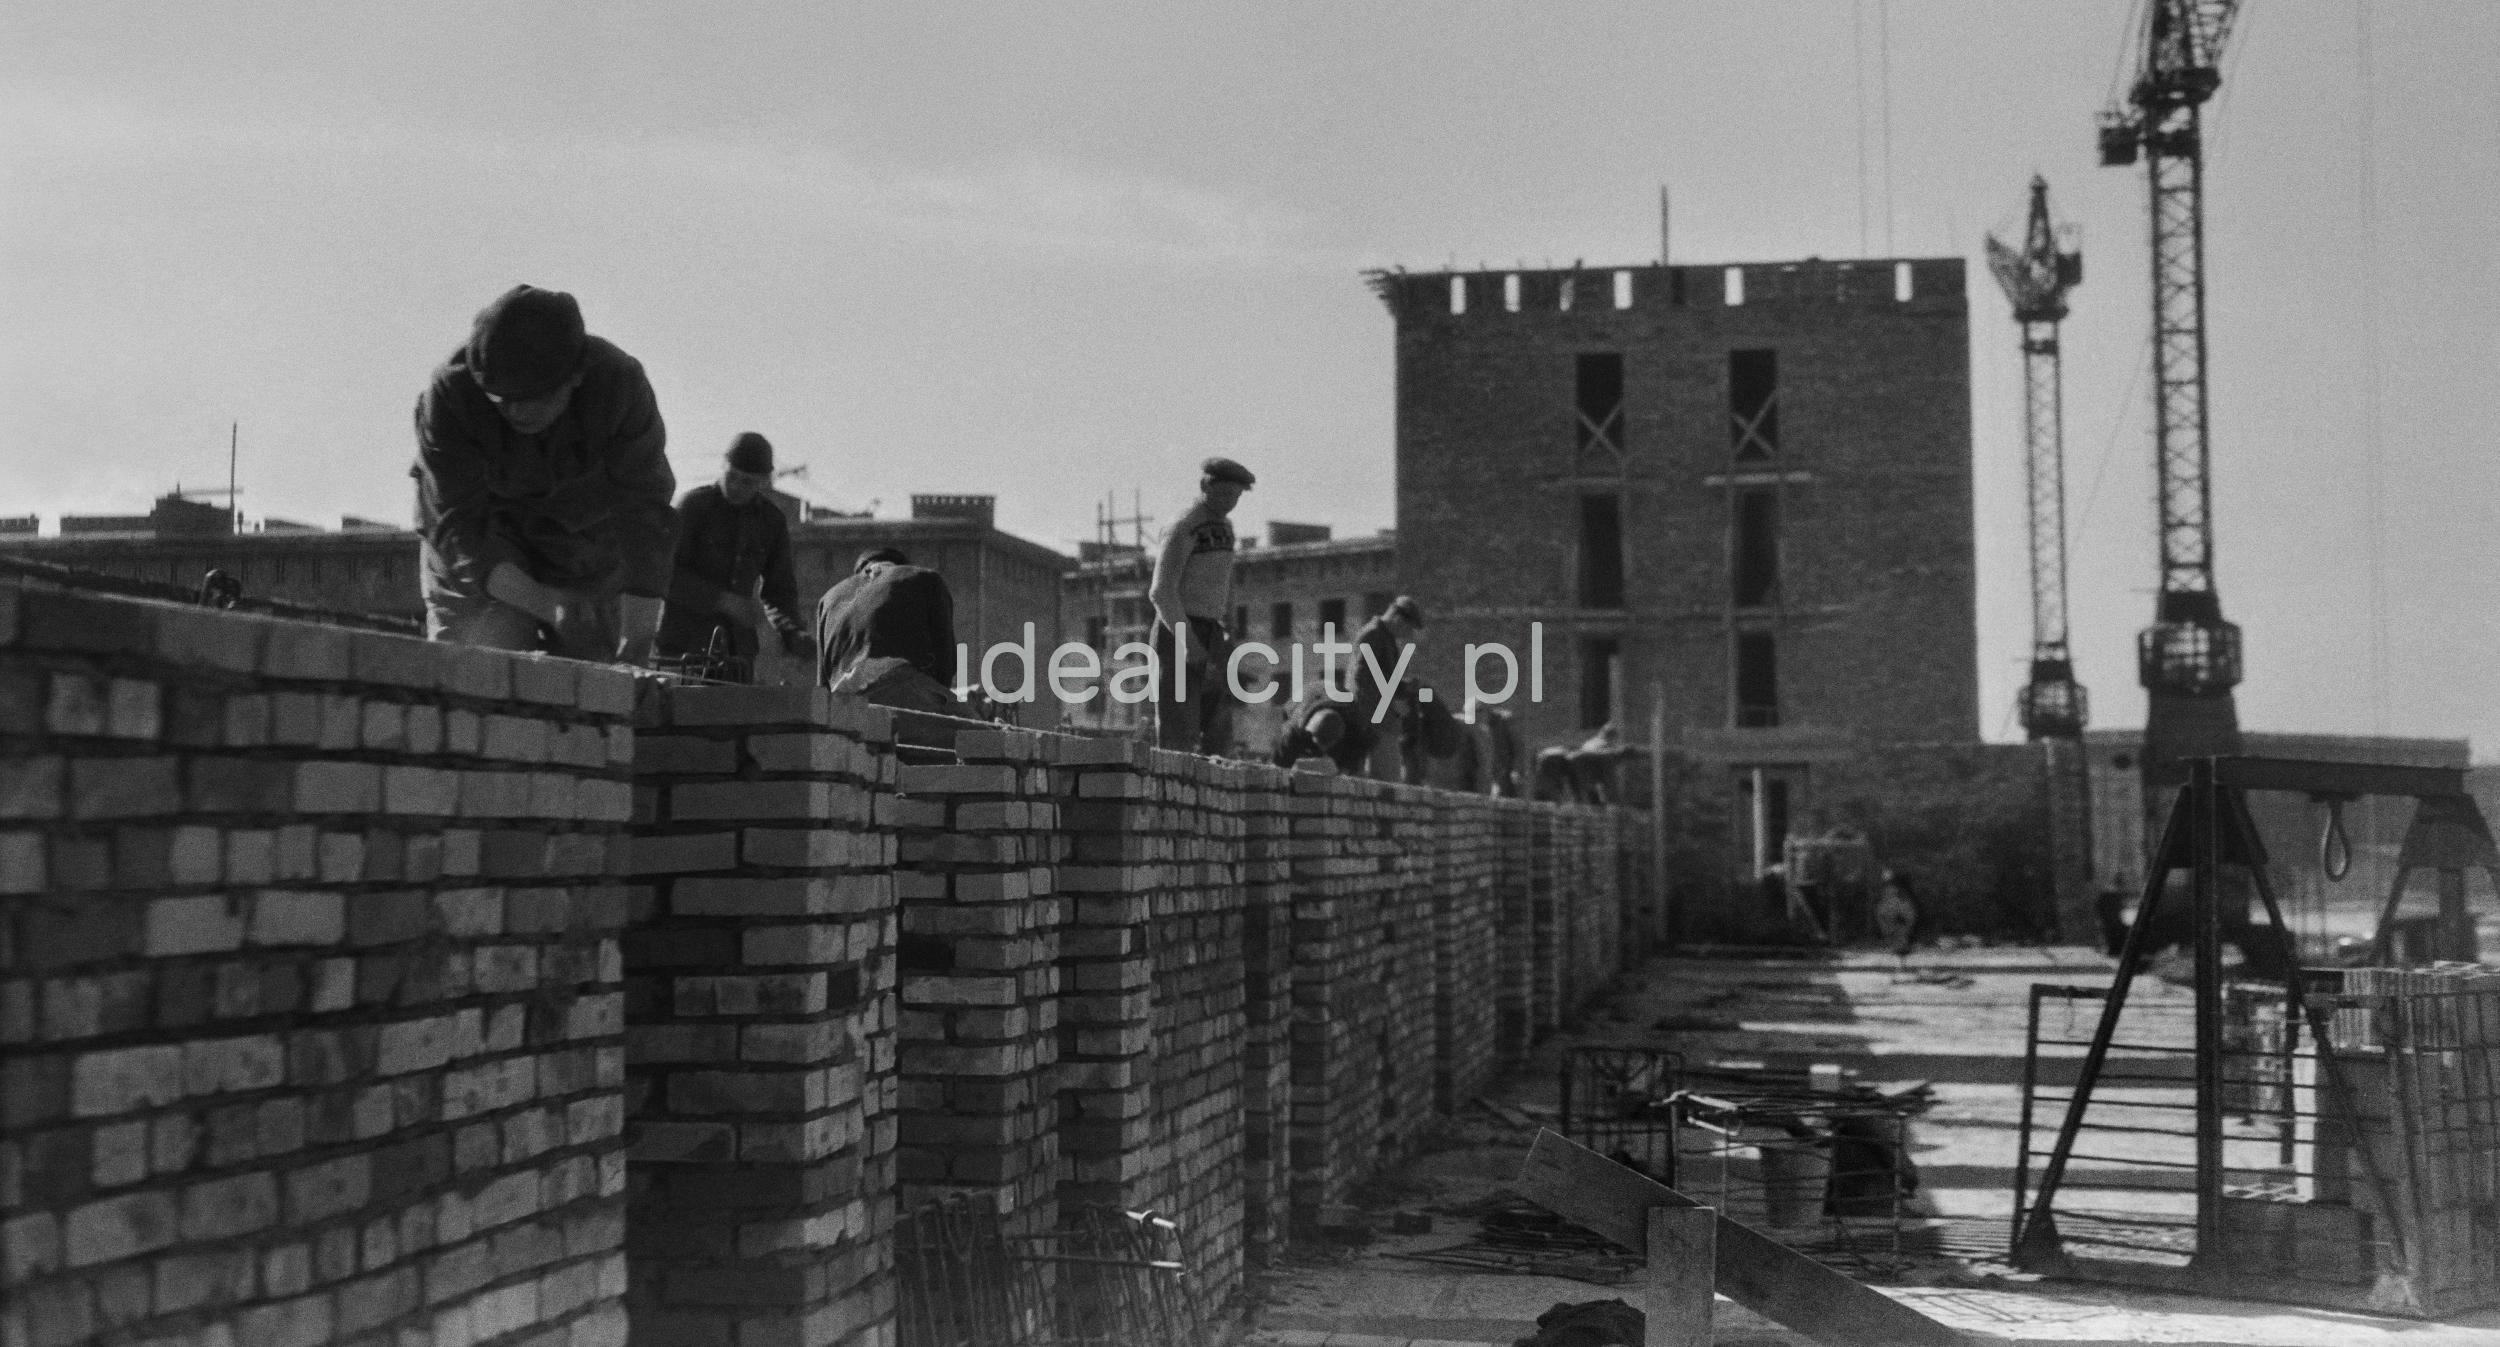 Murarze stawiają mur kolejnej kondygnacj budynku, ujęcie pod światło, w tle żurawie budowlane.